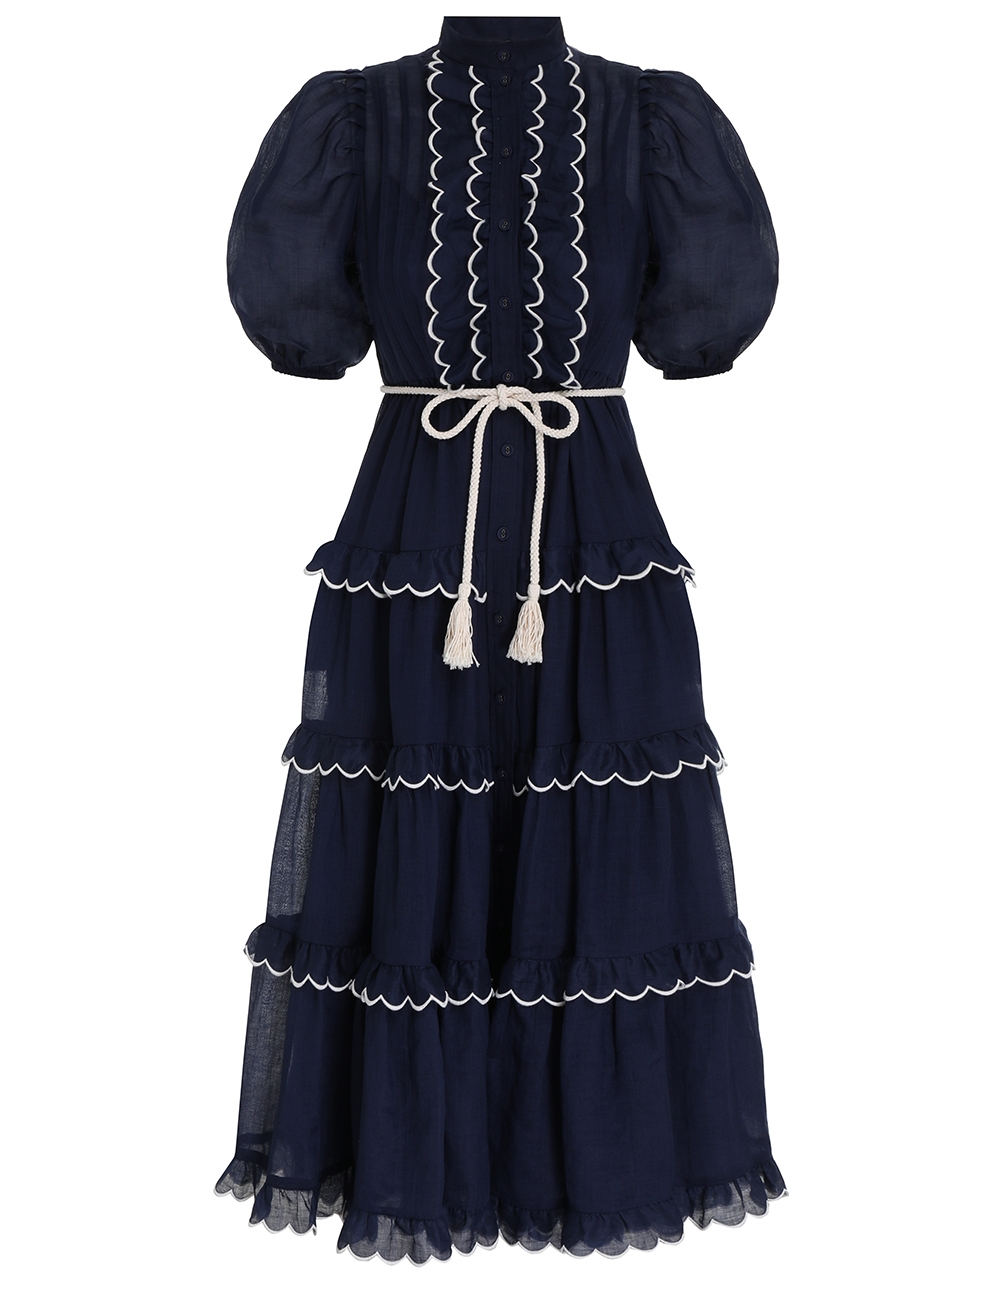 Aliane Scallop Frill Dress